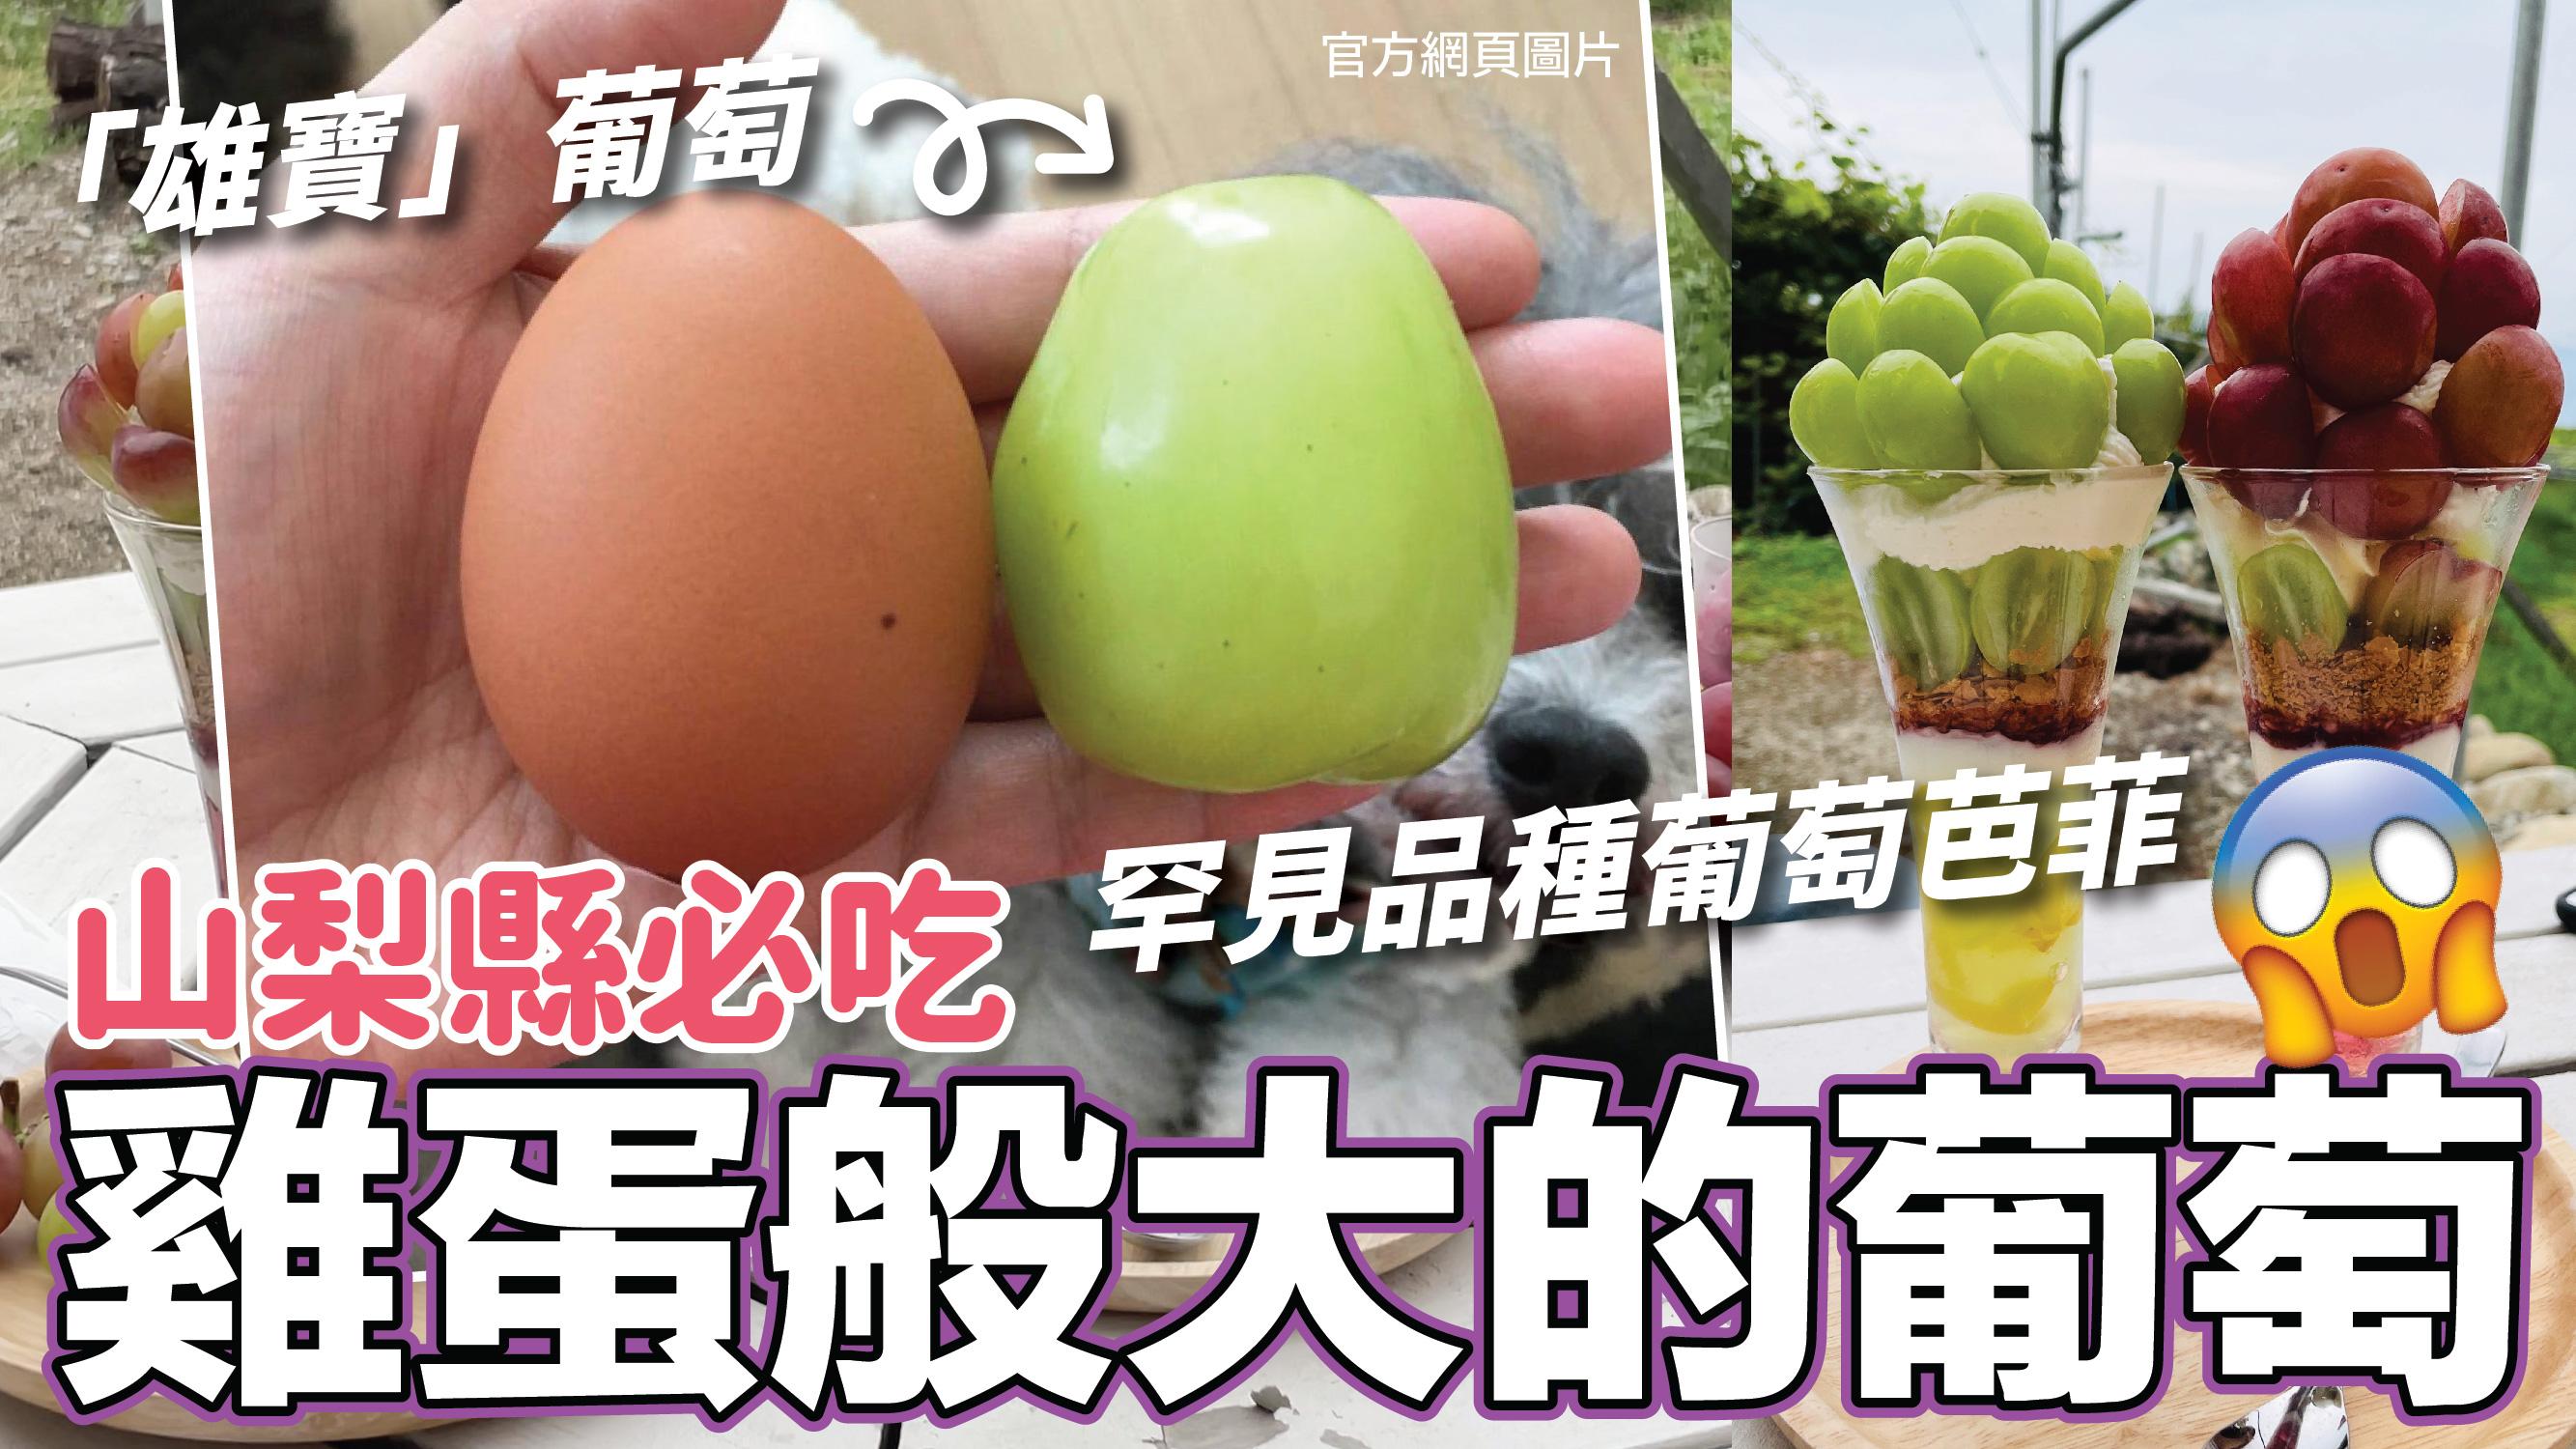 東京近郊山梨縣一日遊|必吃罕見品種水果芭菲,跟雞蛋一樣大的「雄寶」葡萄!|打卡美景清里TERRACE|熱菇日本